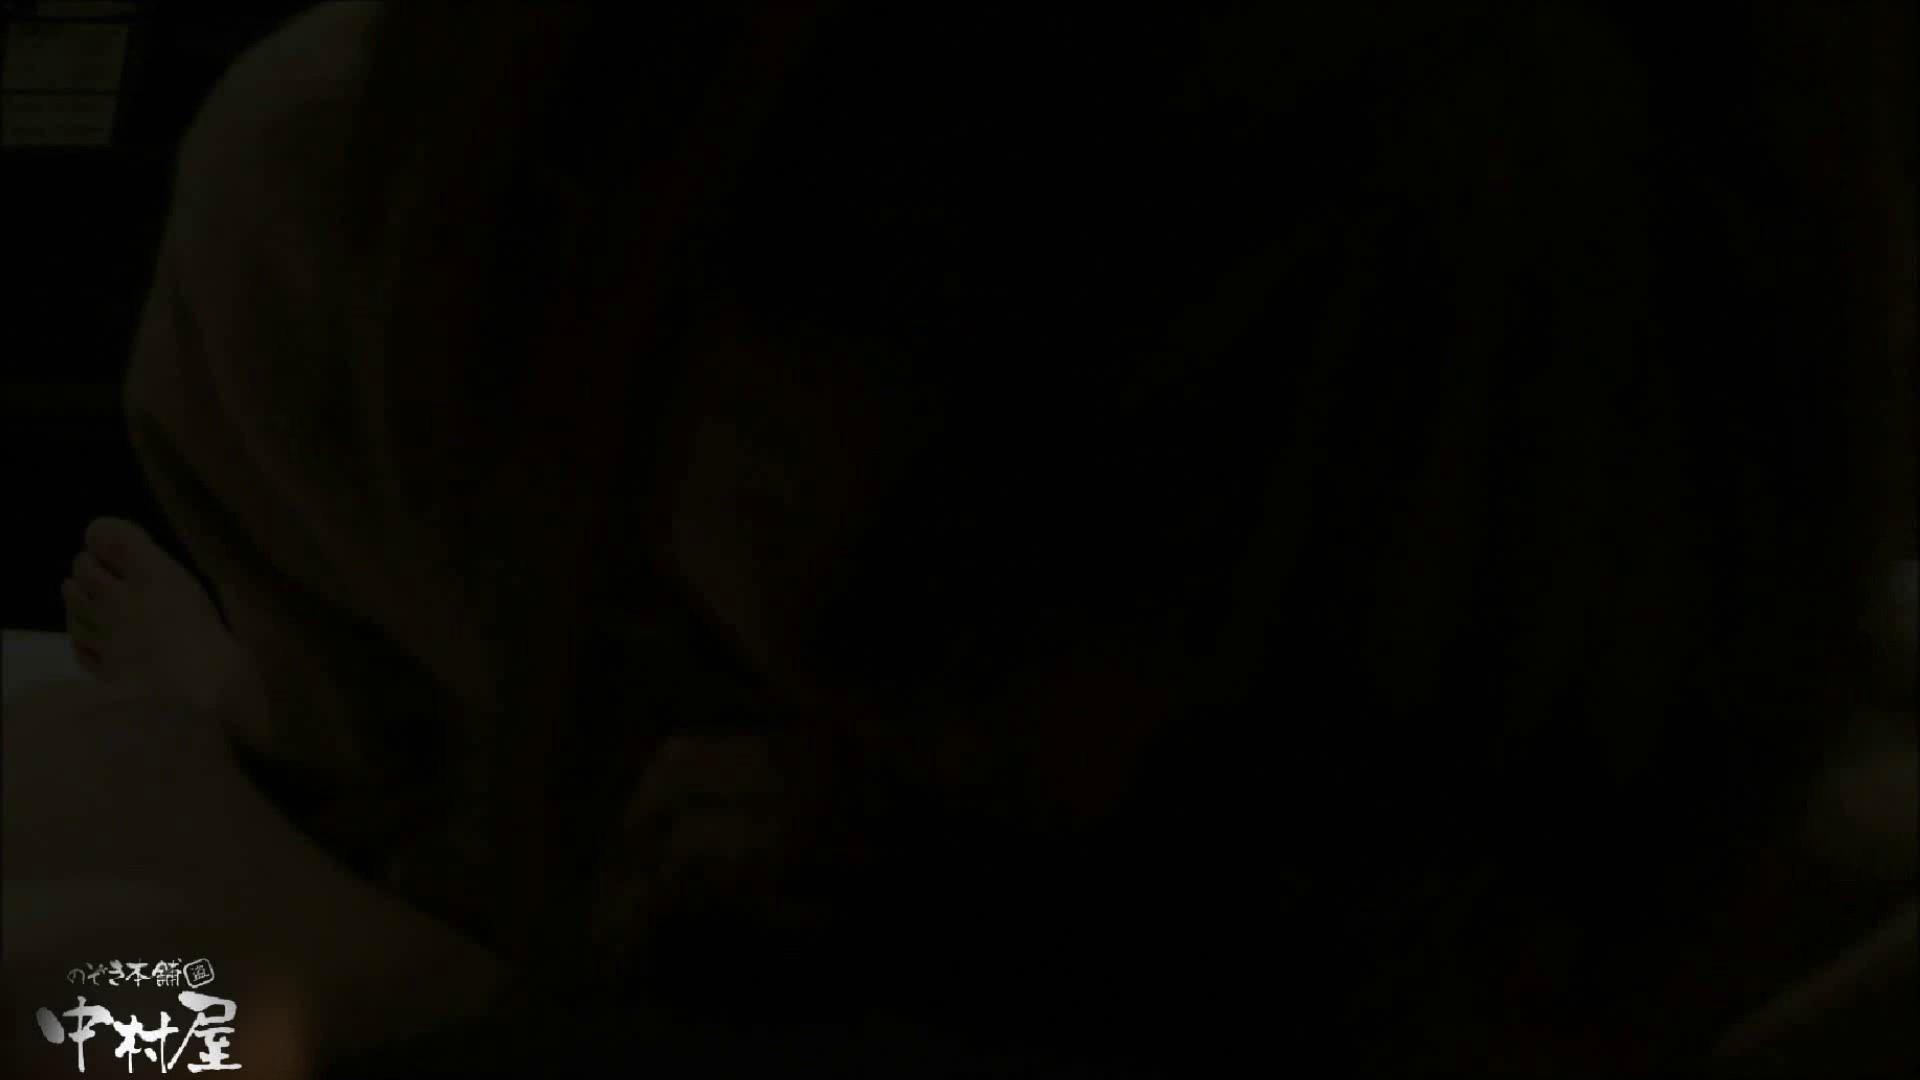 二人とも育てた甲斐がありました…vol.41制月反コスの小春・・・幼顔に精液を垂らして。後編 OLセックス 盗み撮りオマンコ動画キャプチャ 65画像 26